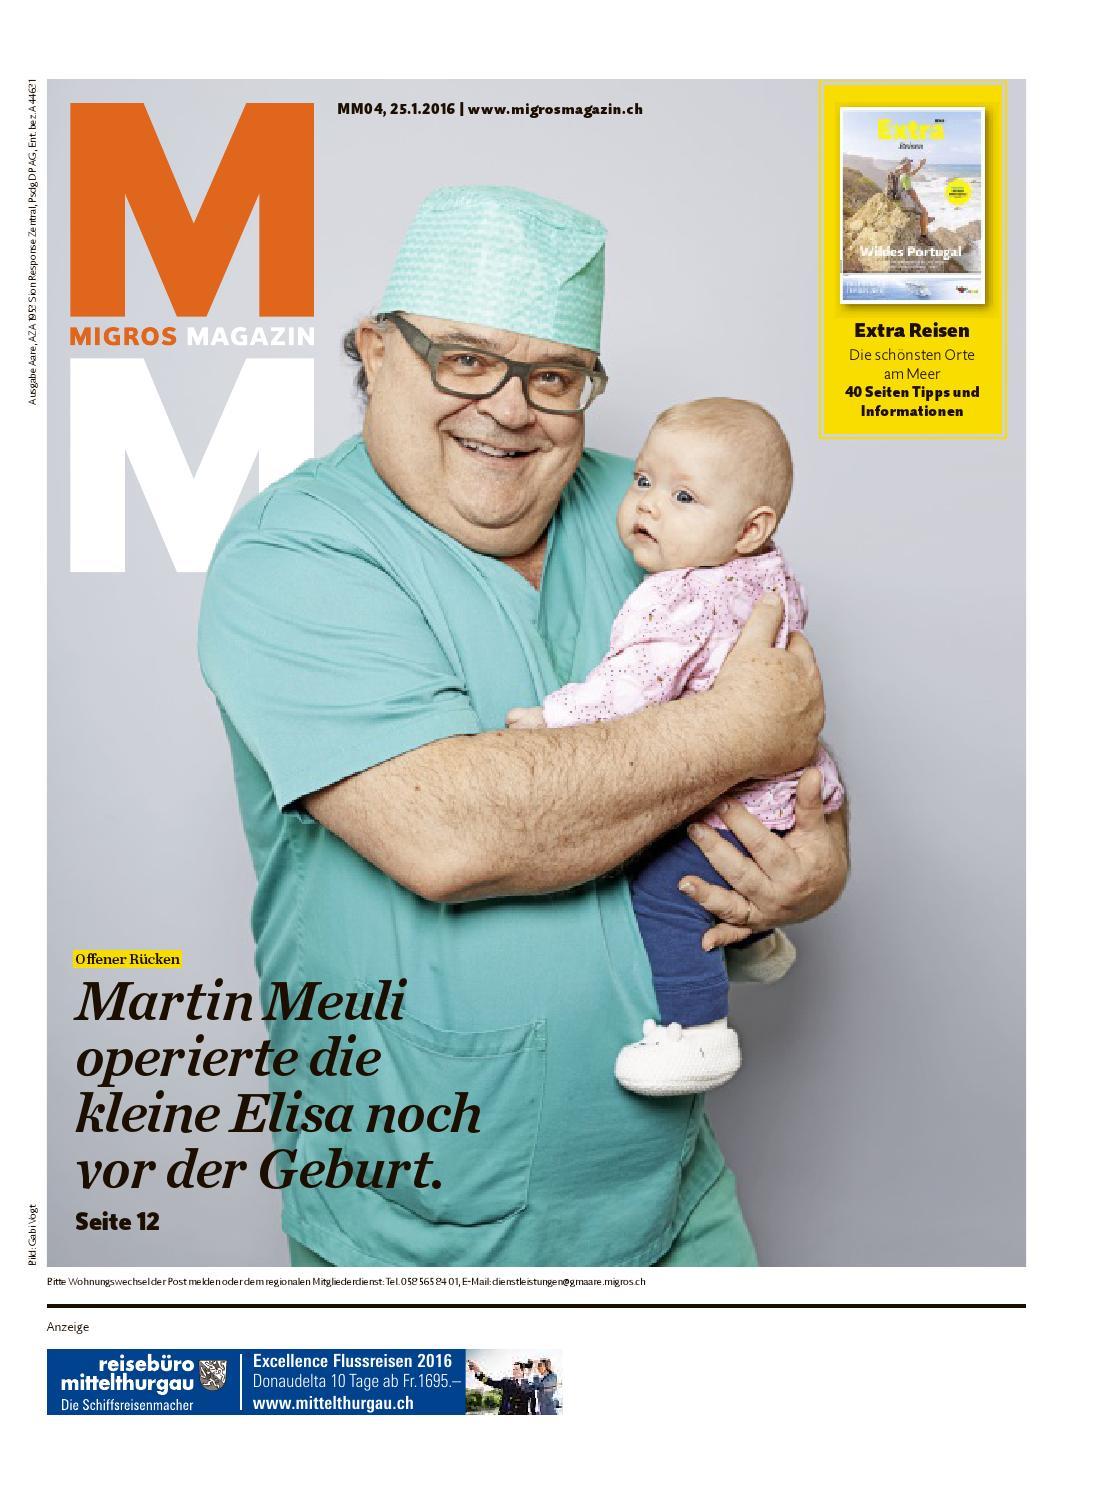 Migros magazin 04 2016 d aa by Migros-Genossenschafts-Bund - issuu